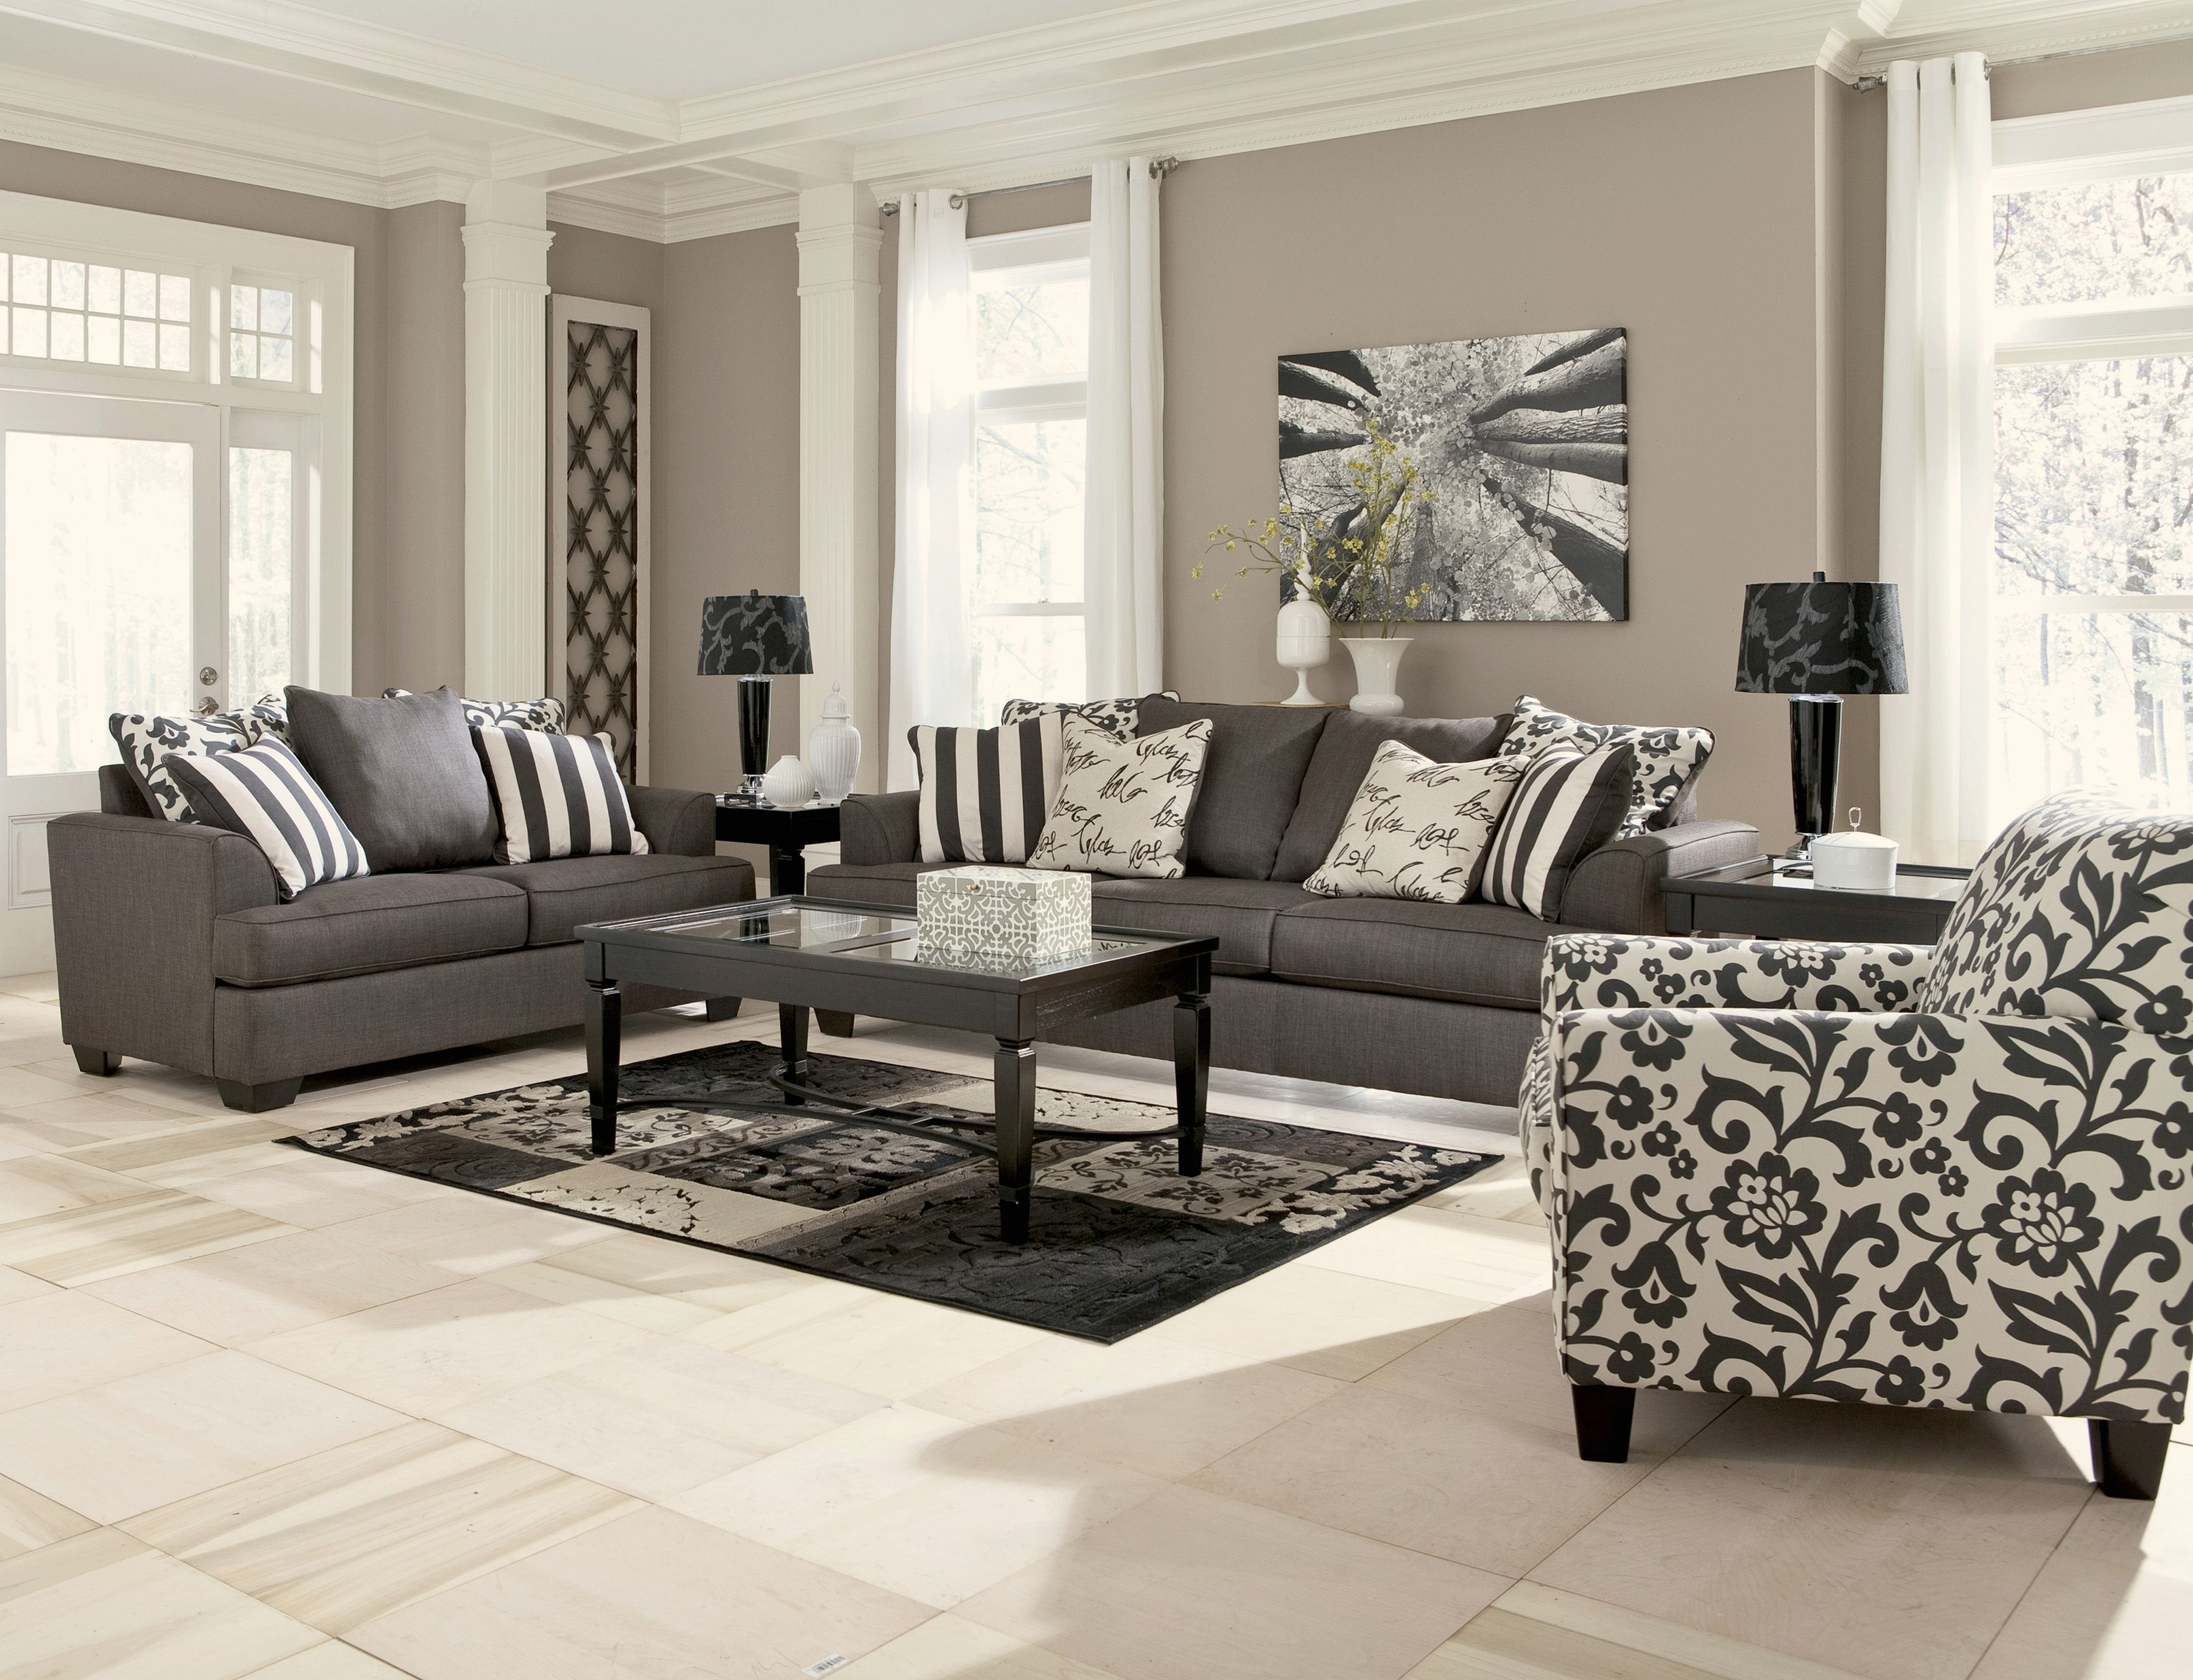 doozie 61 best black and cream living room design ideas